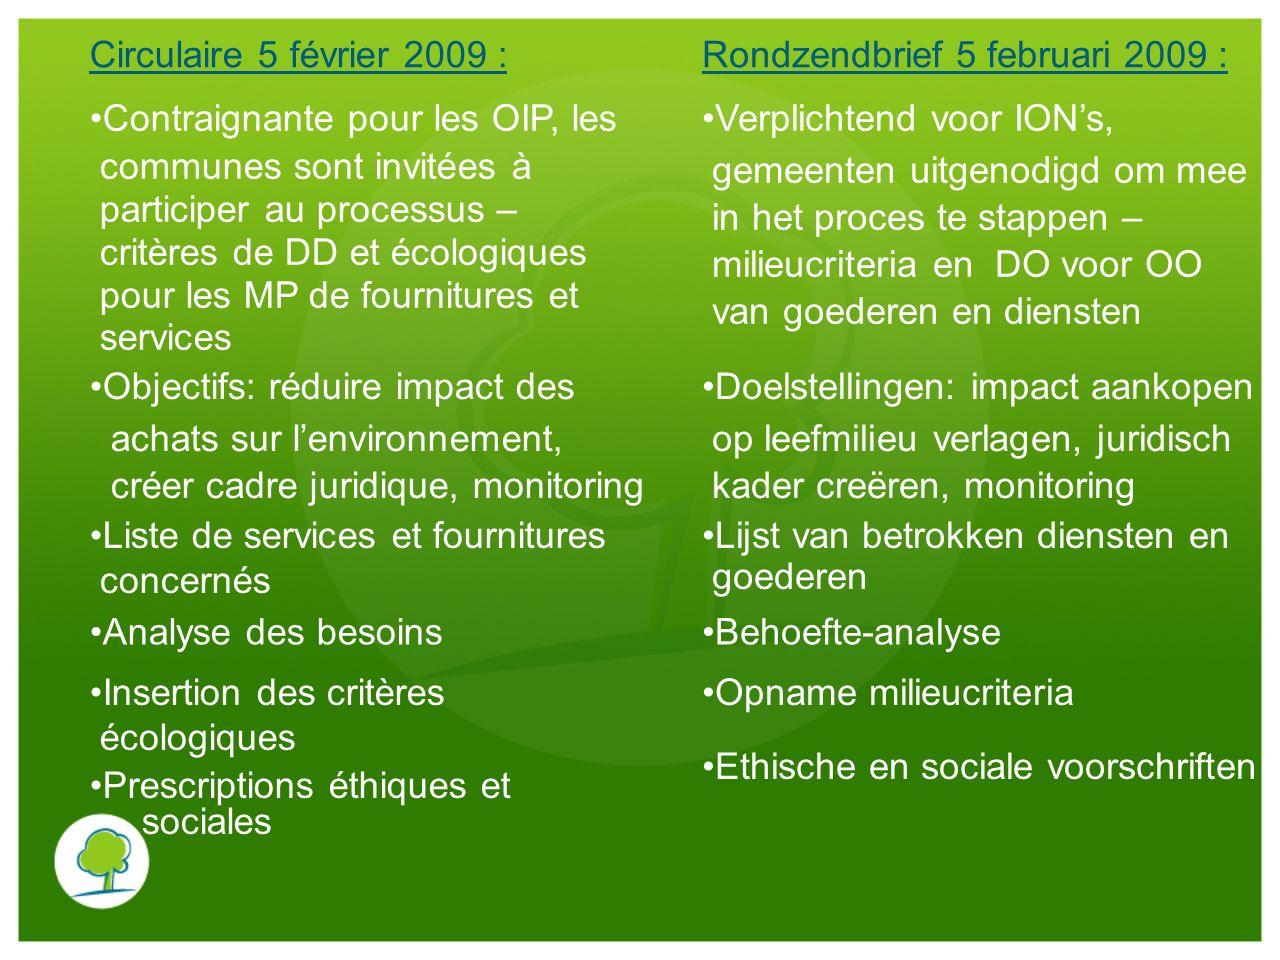 Circulaire 5 février 2009 : Rondzendbrief 5 februari 2009 : Contraignante pour les OIP, les. communes sont invitées à.